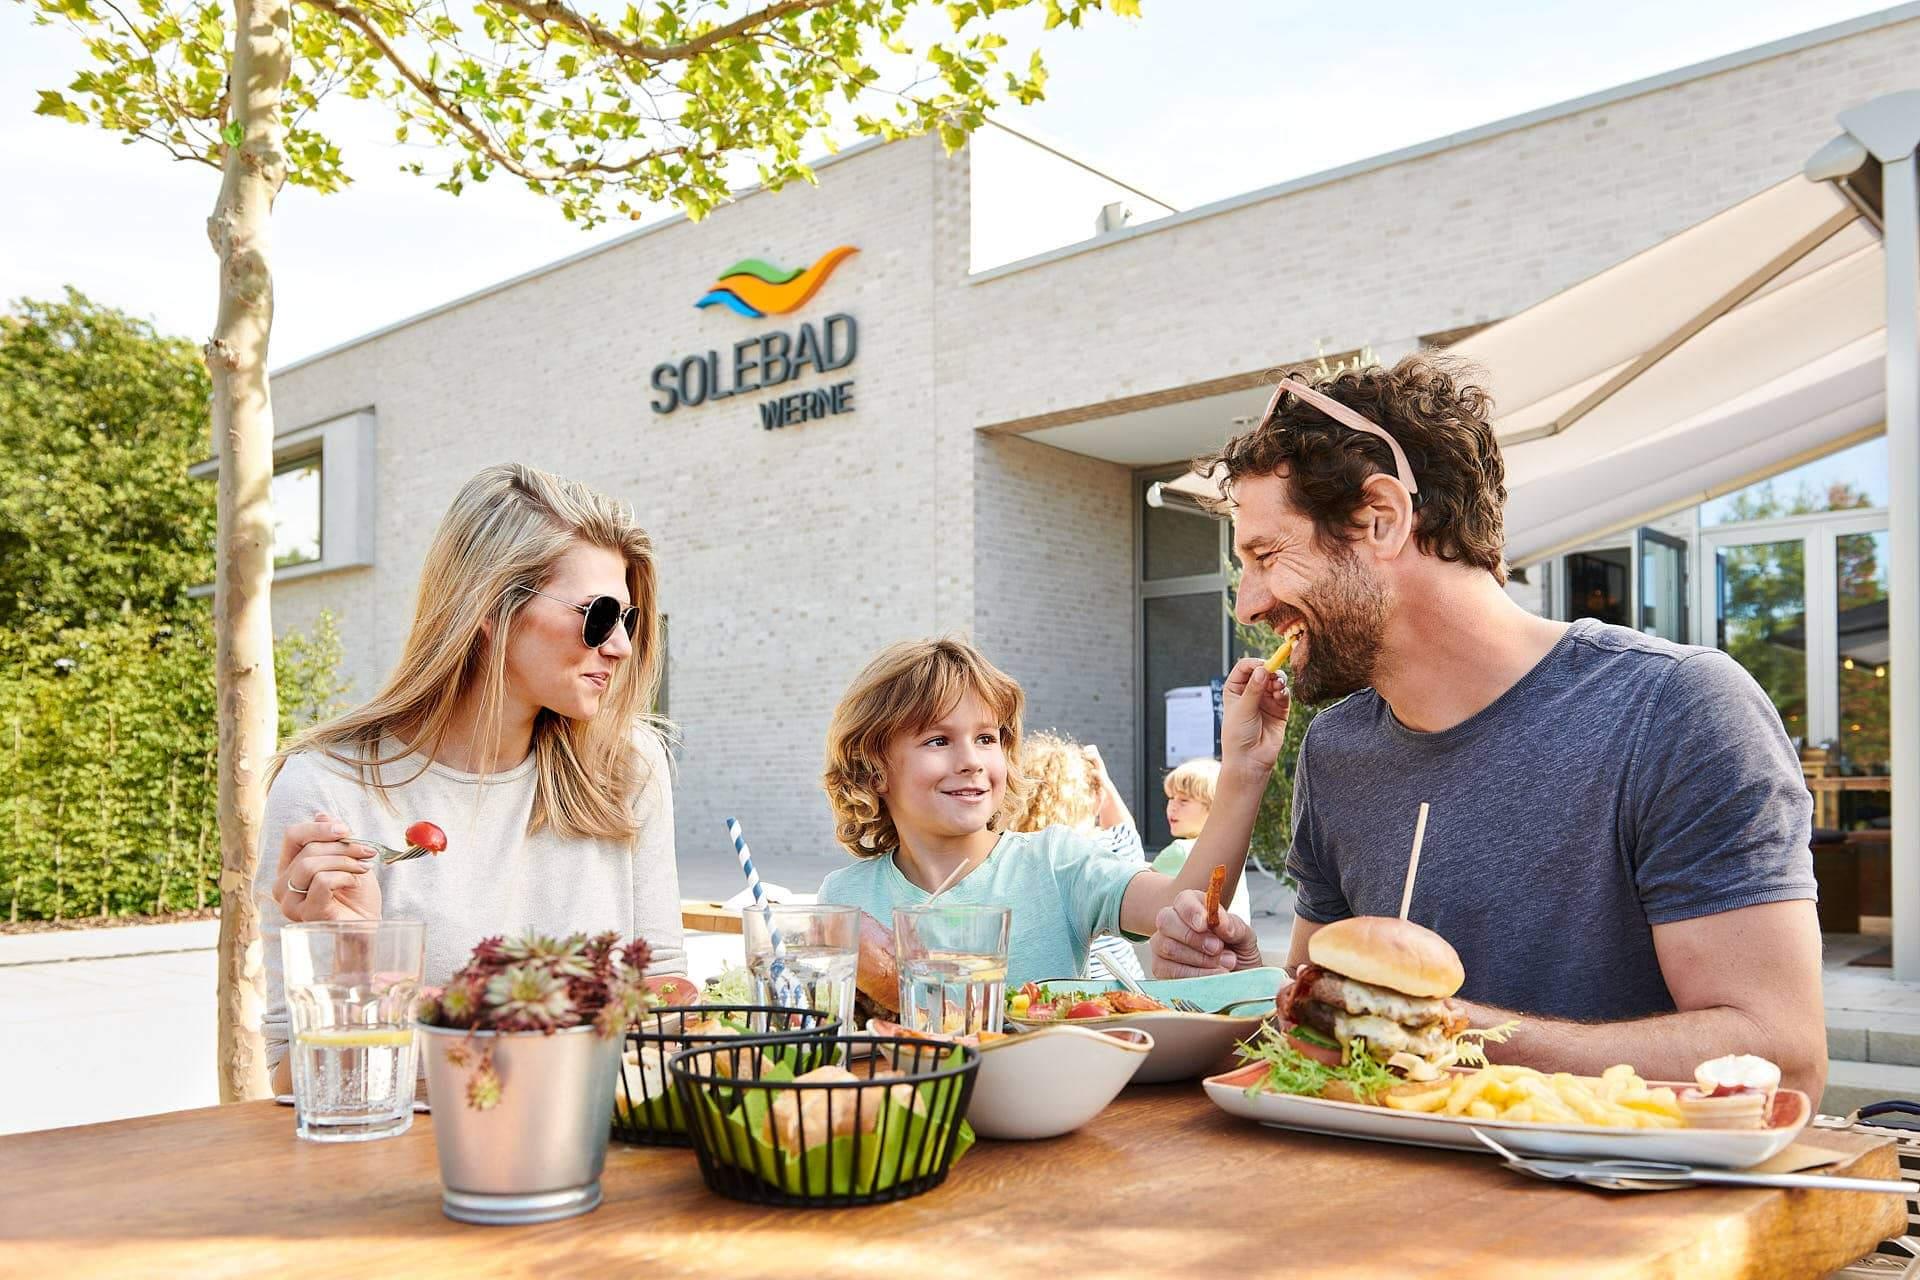 Werbefotografie - Junge Familie beim Restaurantbesuch bei sonnigem Wetter fotografiert von Markus Mielek in Werne